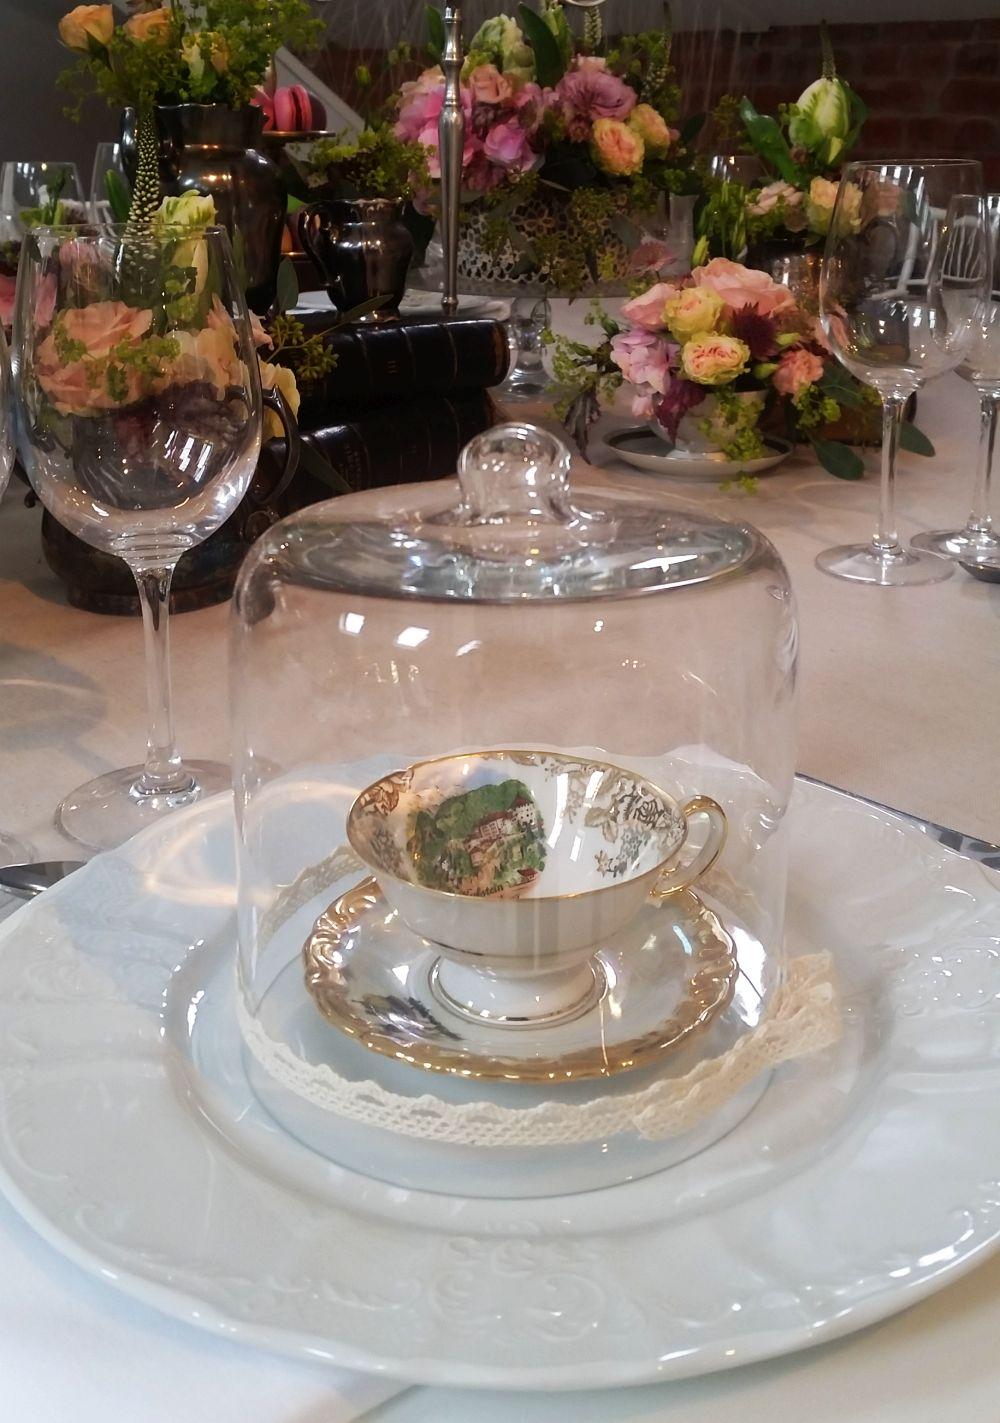 adelaparvu-com-despre-the-wedding-gallery-2016-floraria-iris-design-nicu-bocancea-21